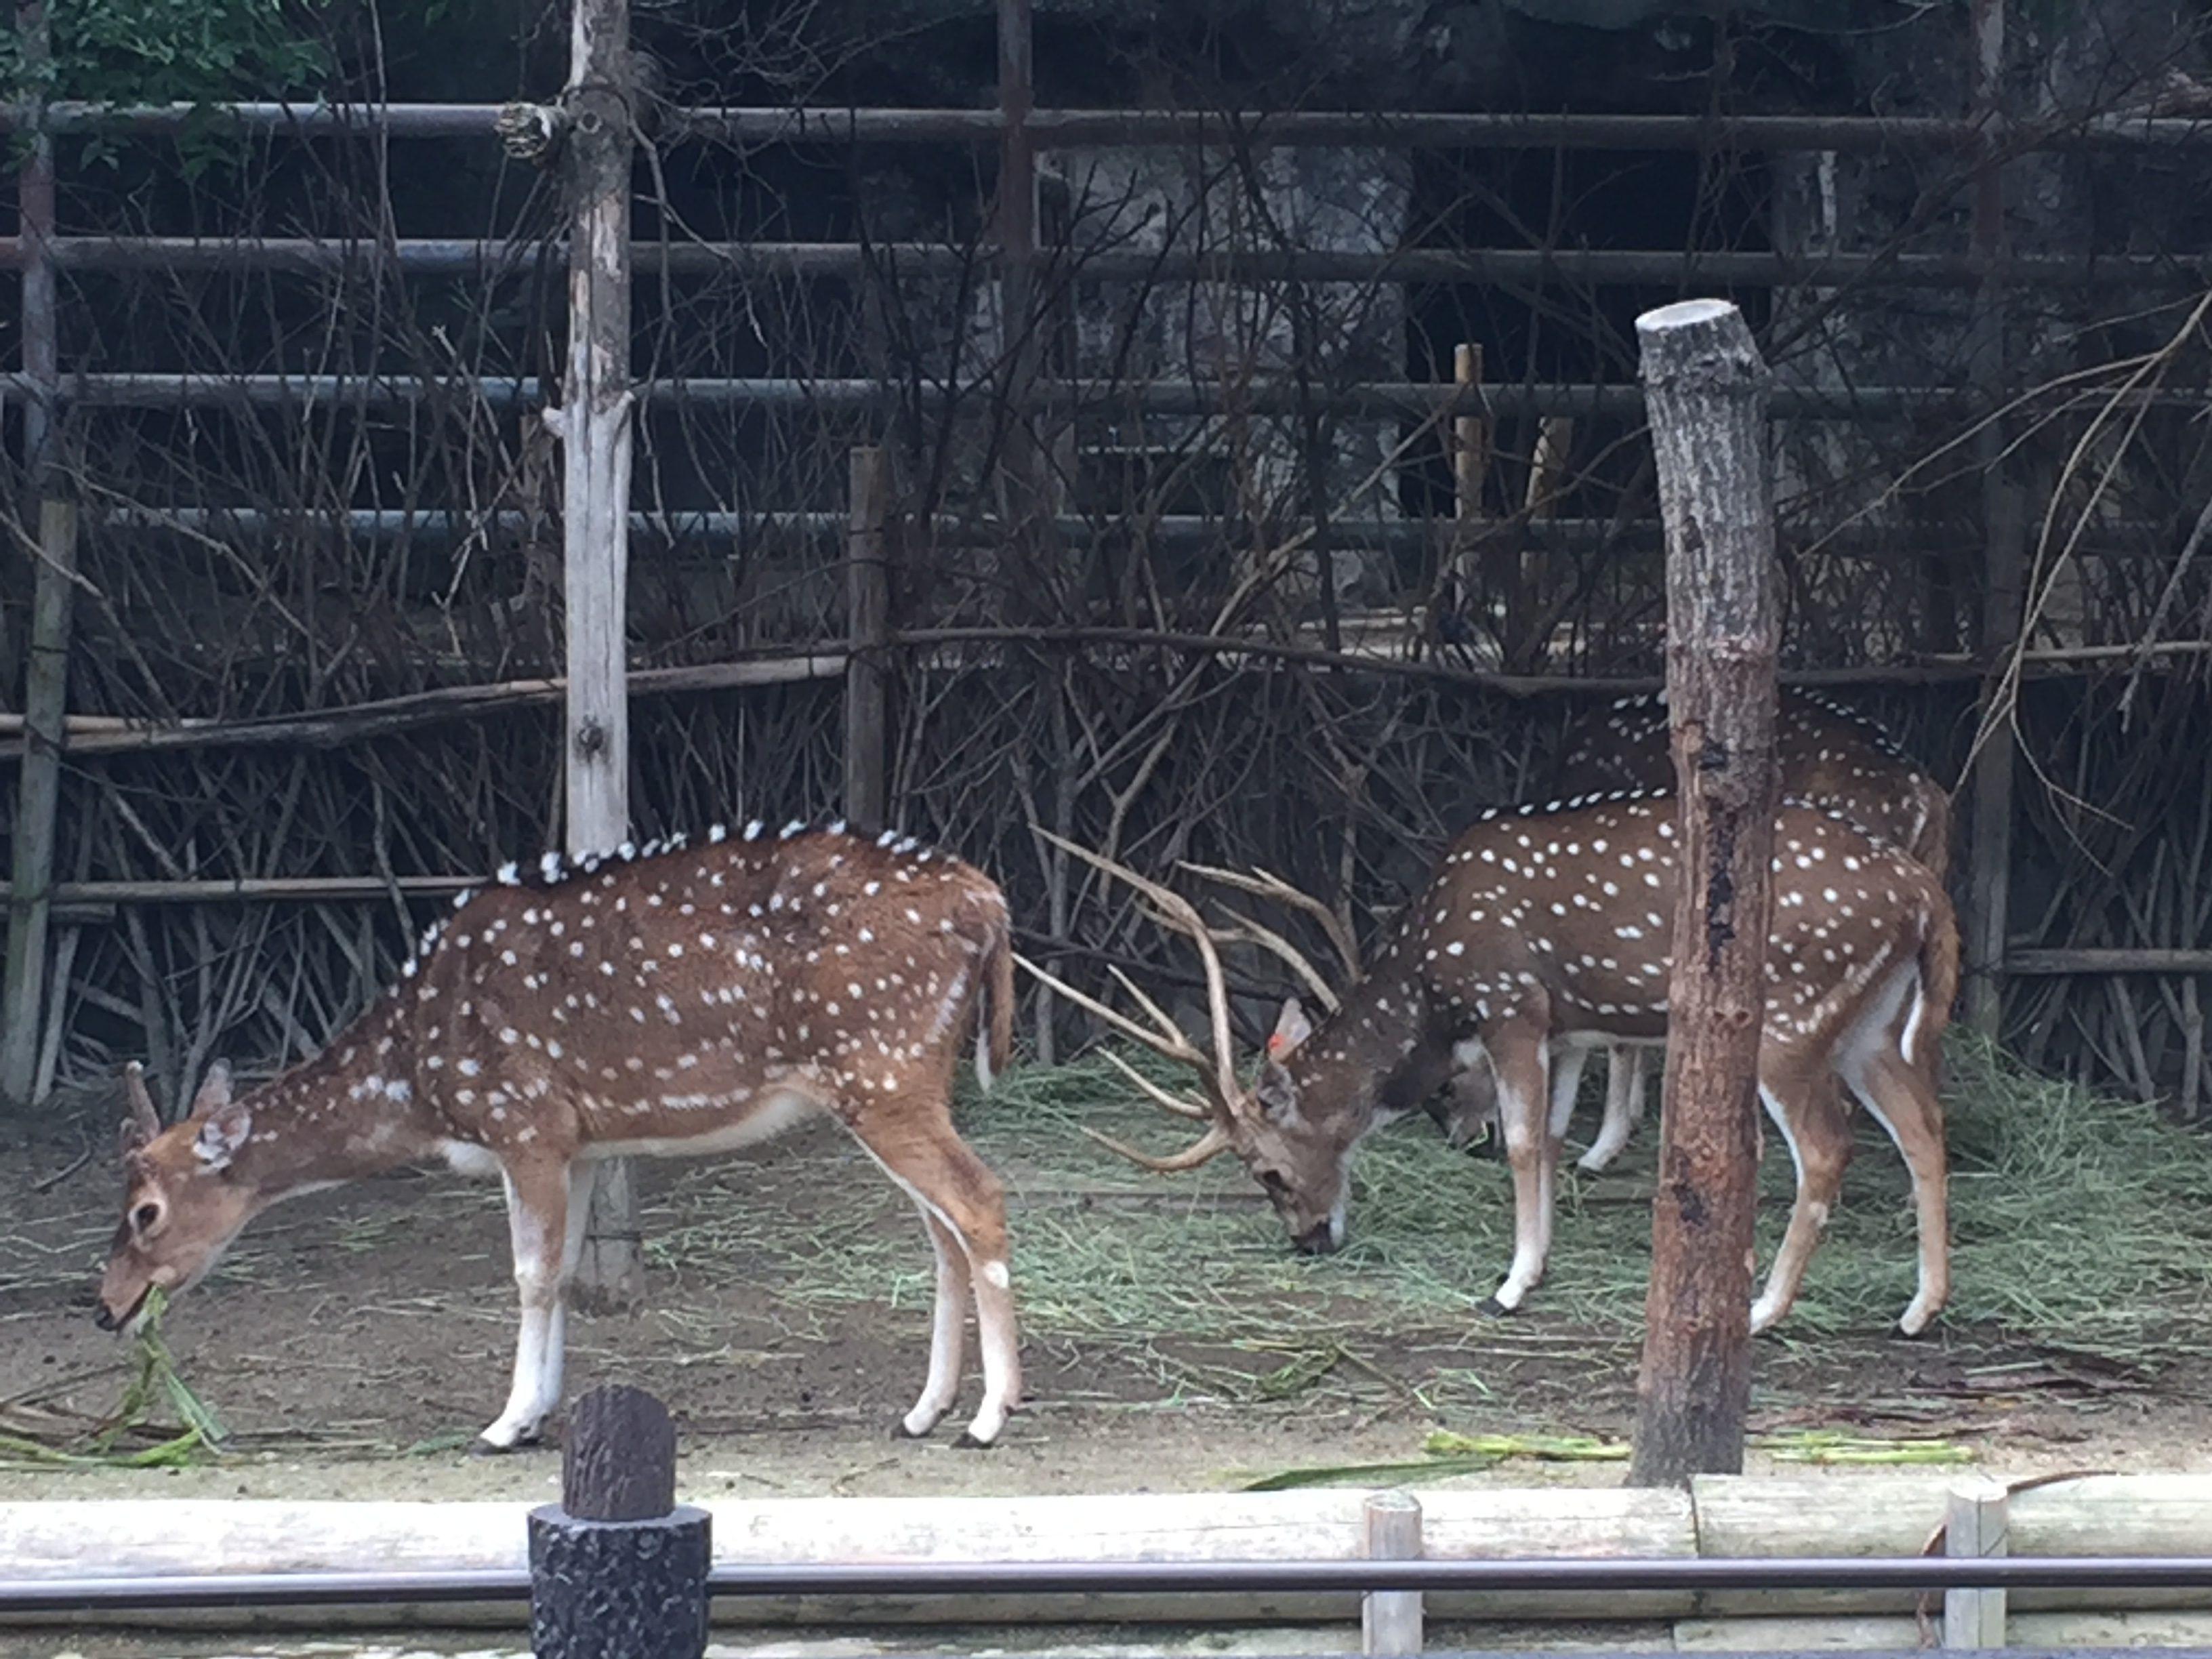 higashiyama-zoo-park-ranking